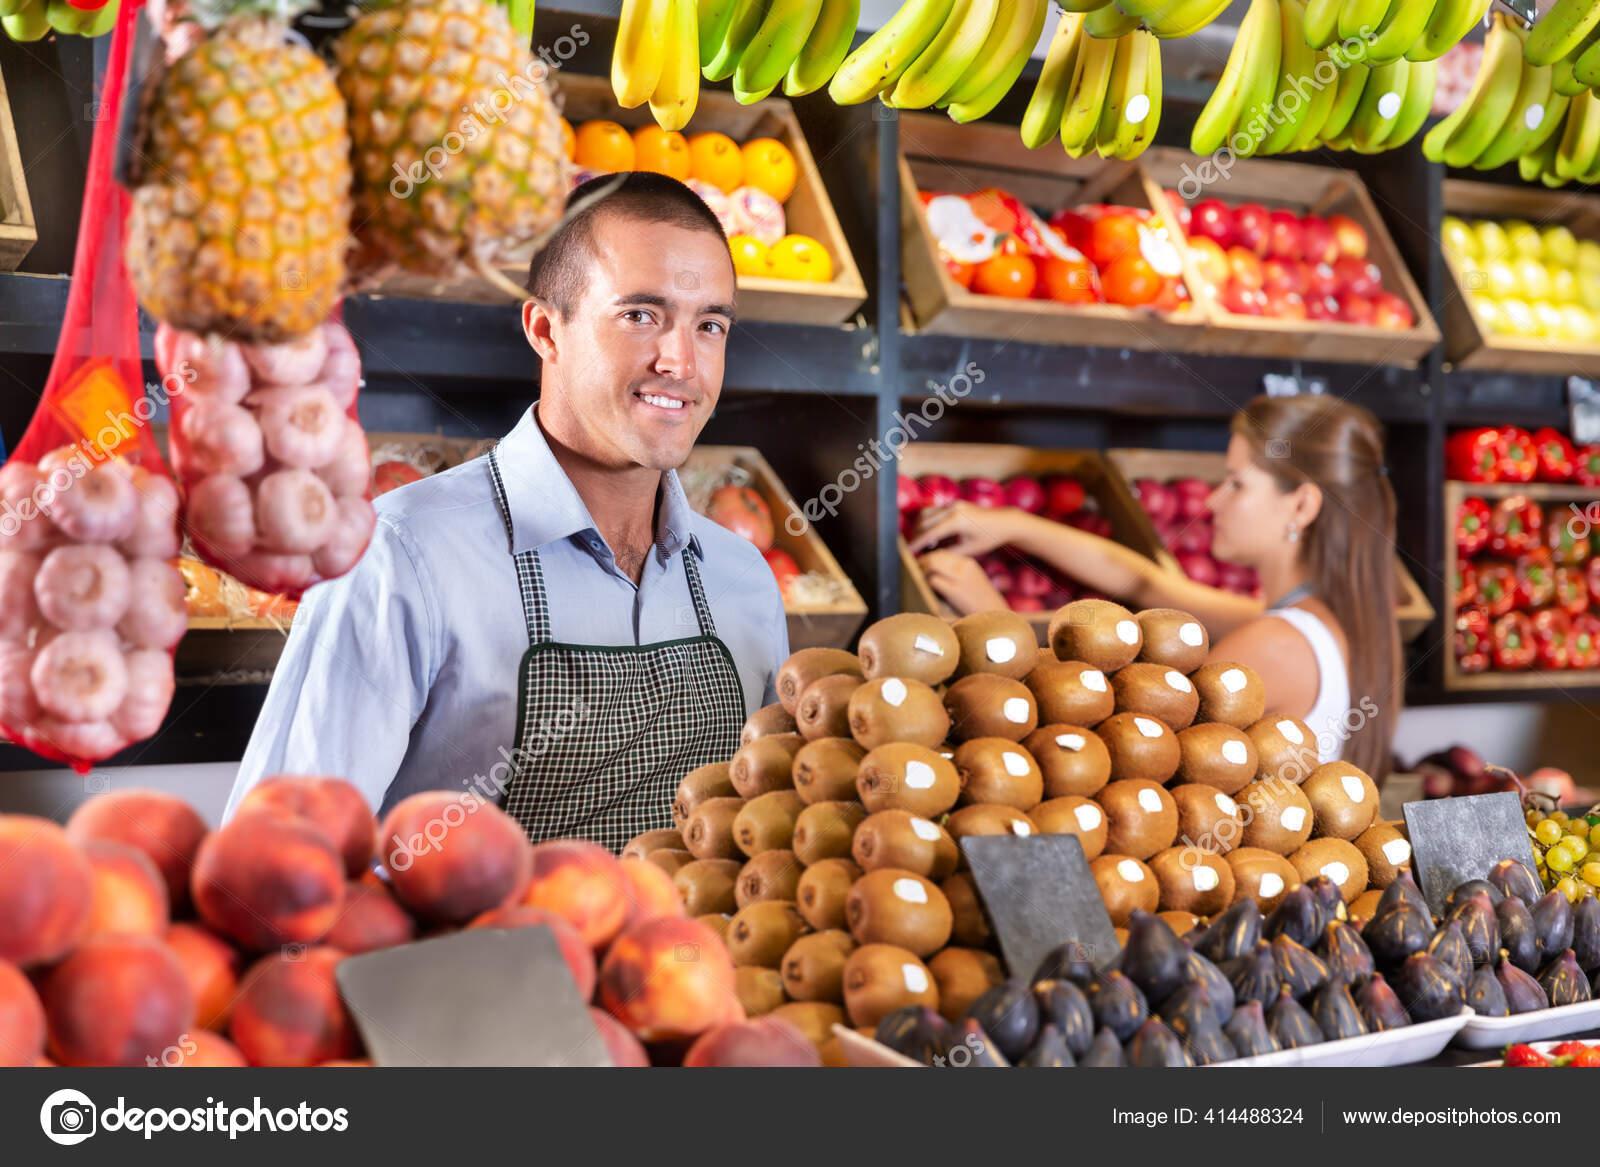 Homem Que Vende Kiwi Fresco E Outras Frutas No Supermercado Fotos Imagens De Jim Filim 414488324